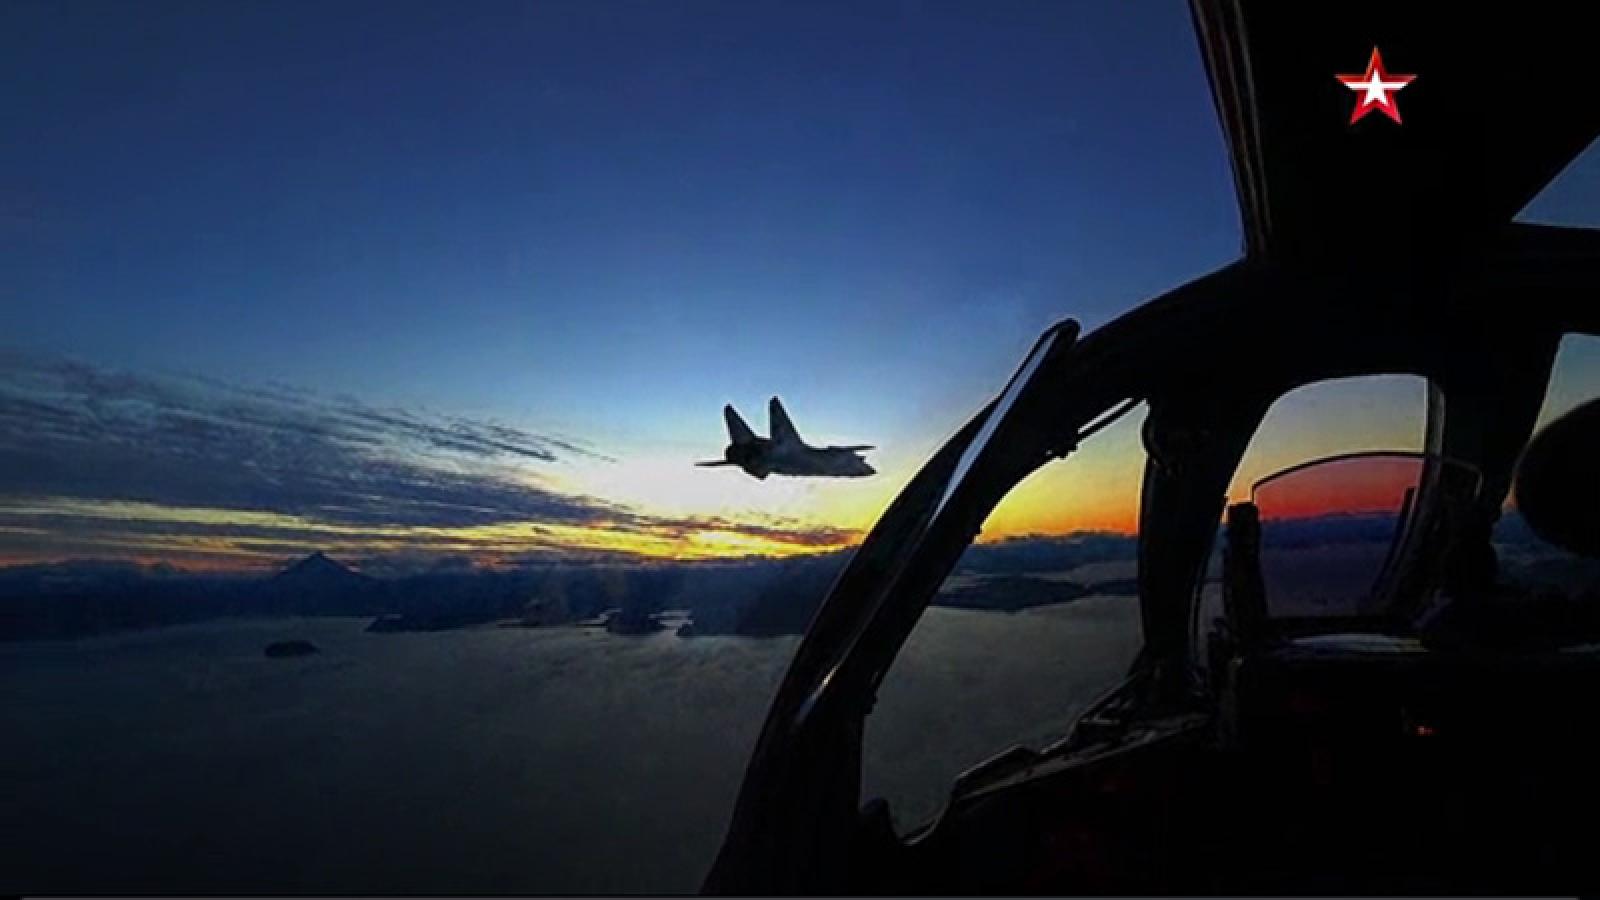 Xem tiêm kích MiG-31BM của Nga diễn tập chặn máy bay xâm nhập trong đêm